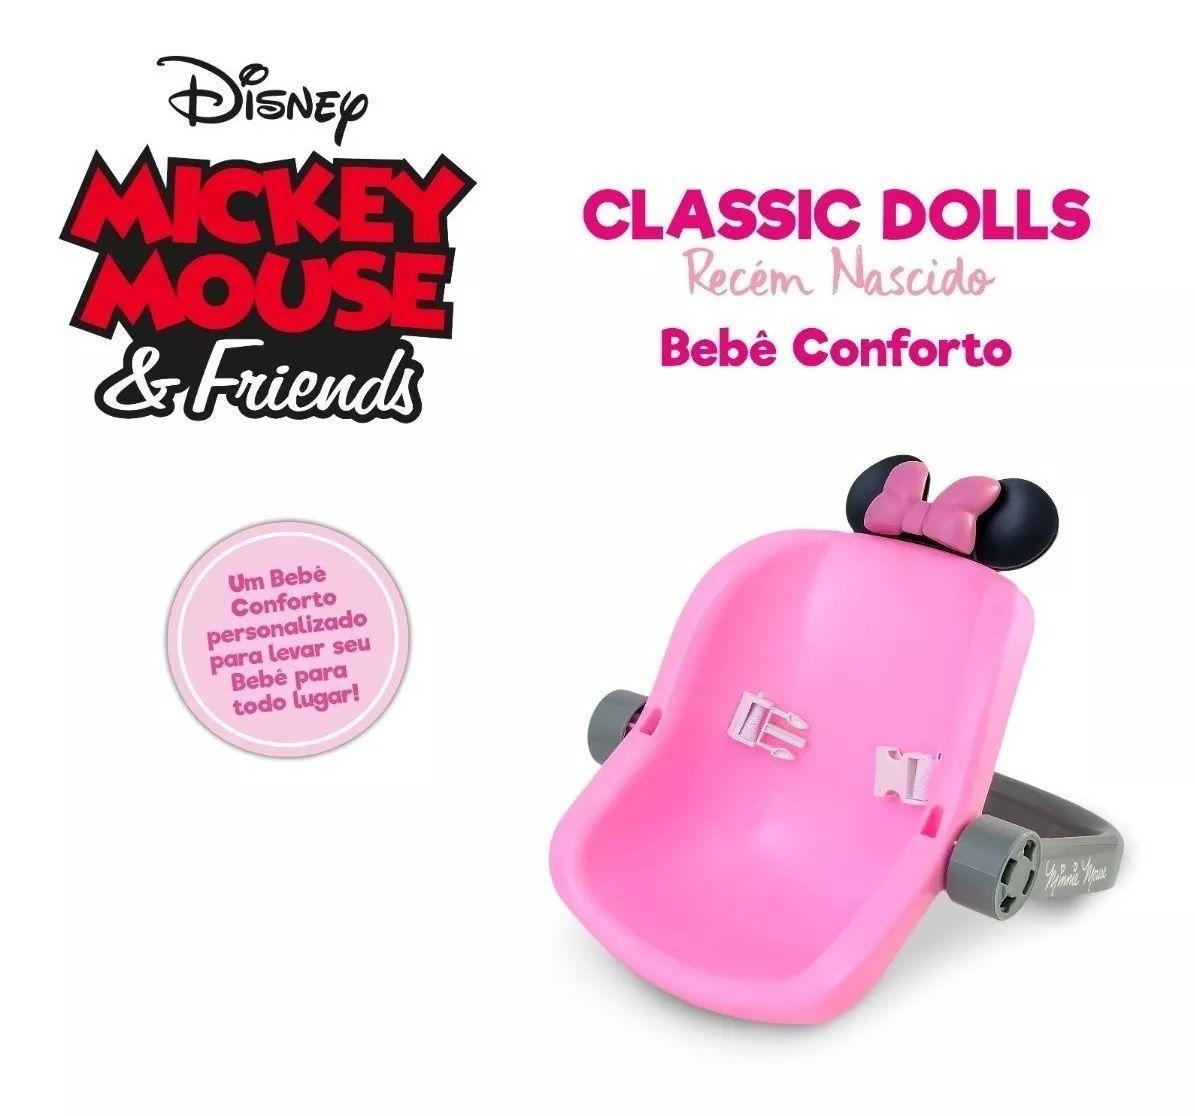 Bebê Conforto Classic Dolls Minnie Mouse 5171 Roma